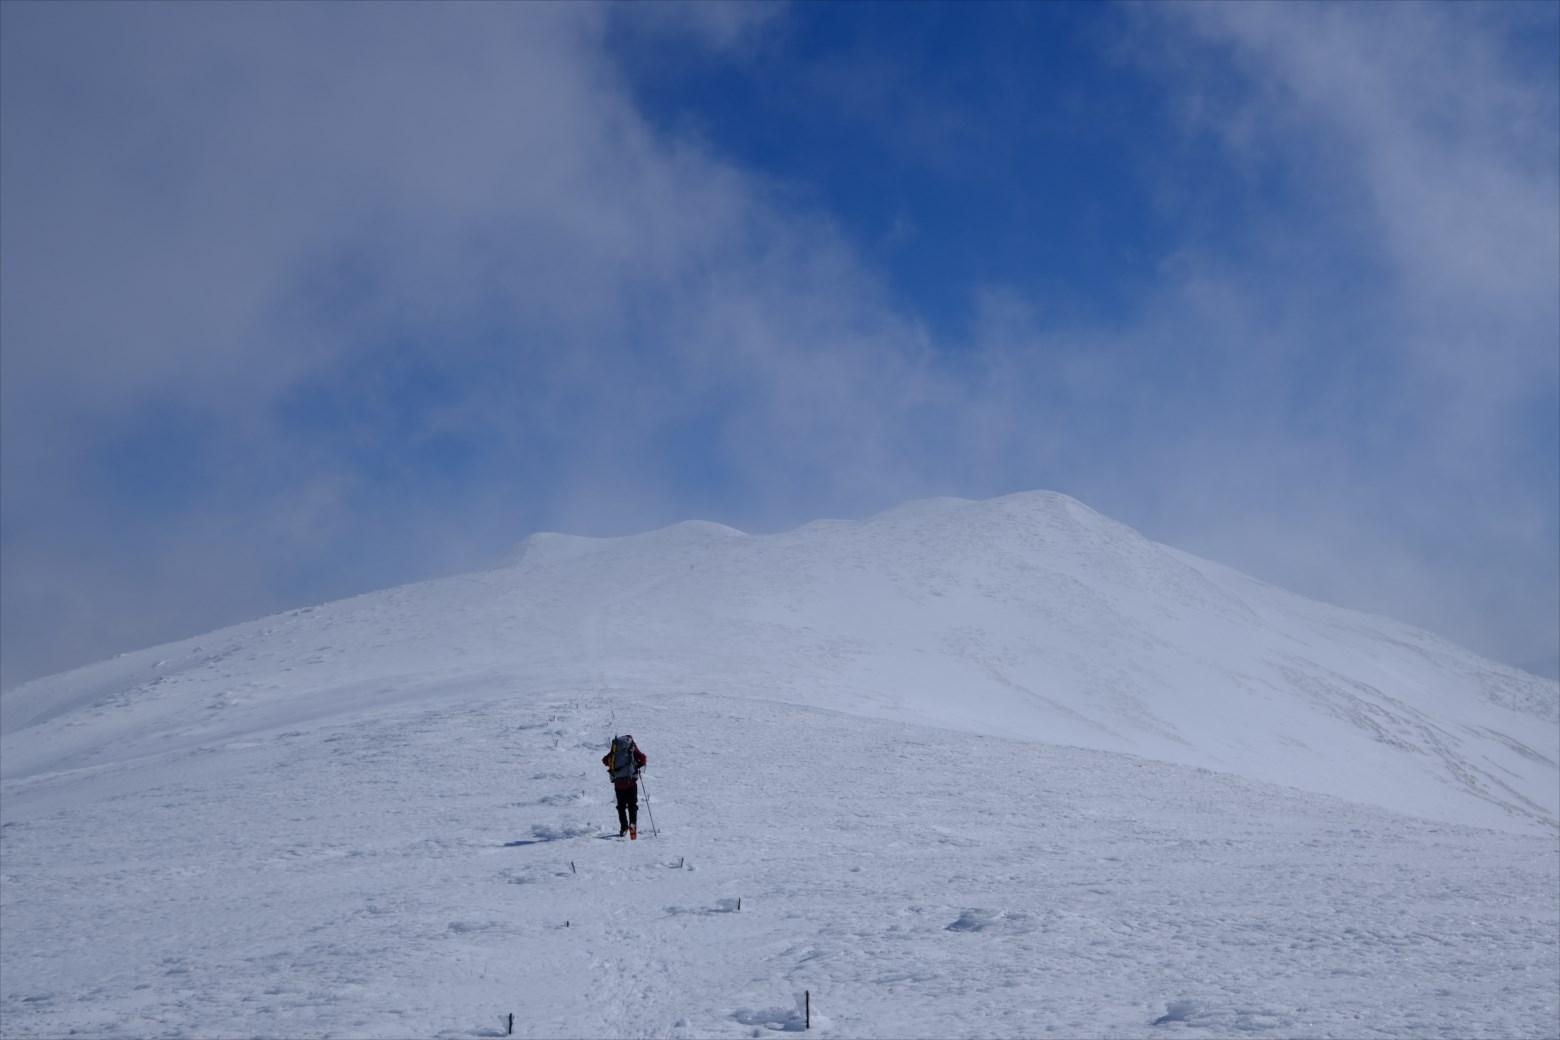 【厳冬期・雪山登山】仙ノ倉山 (25)